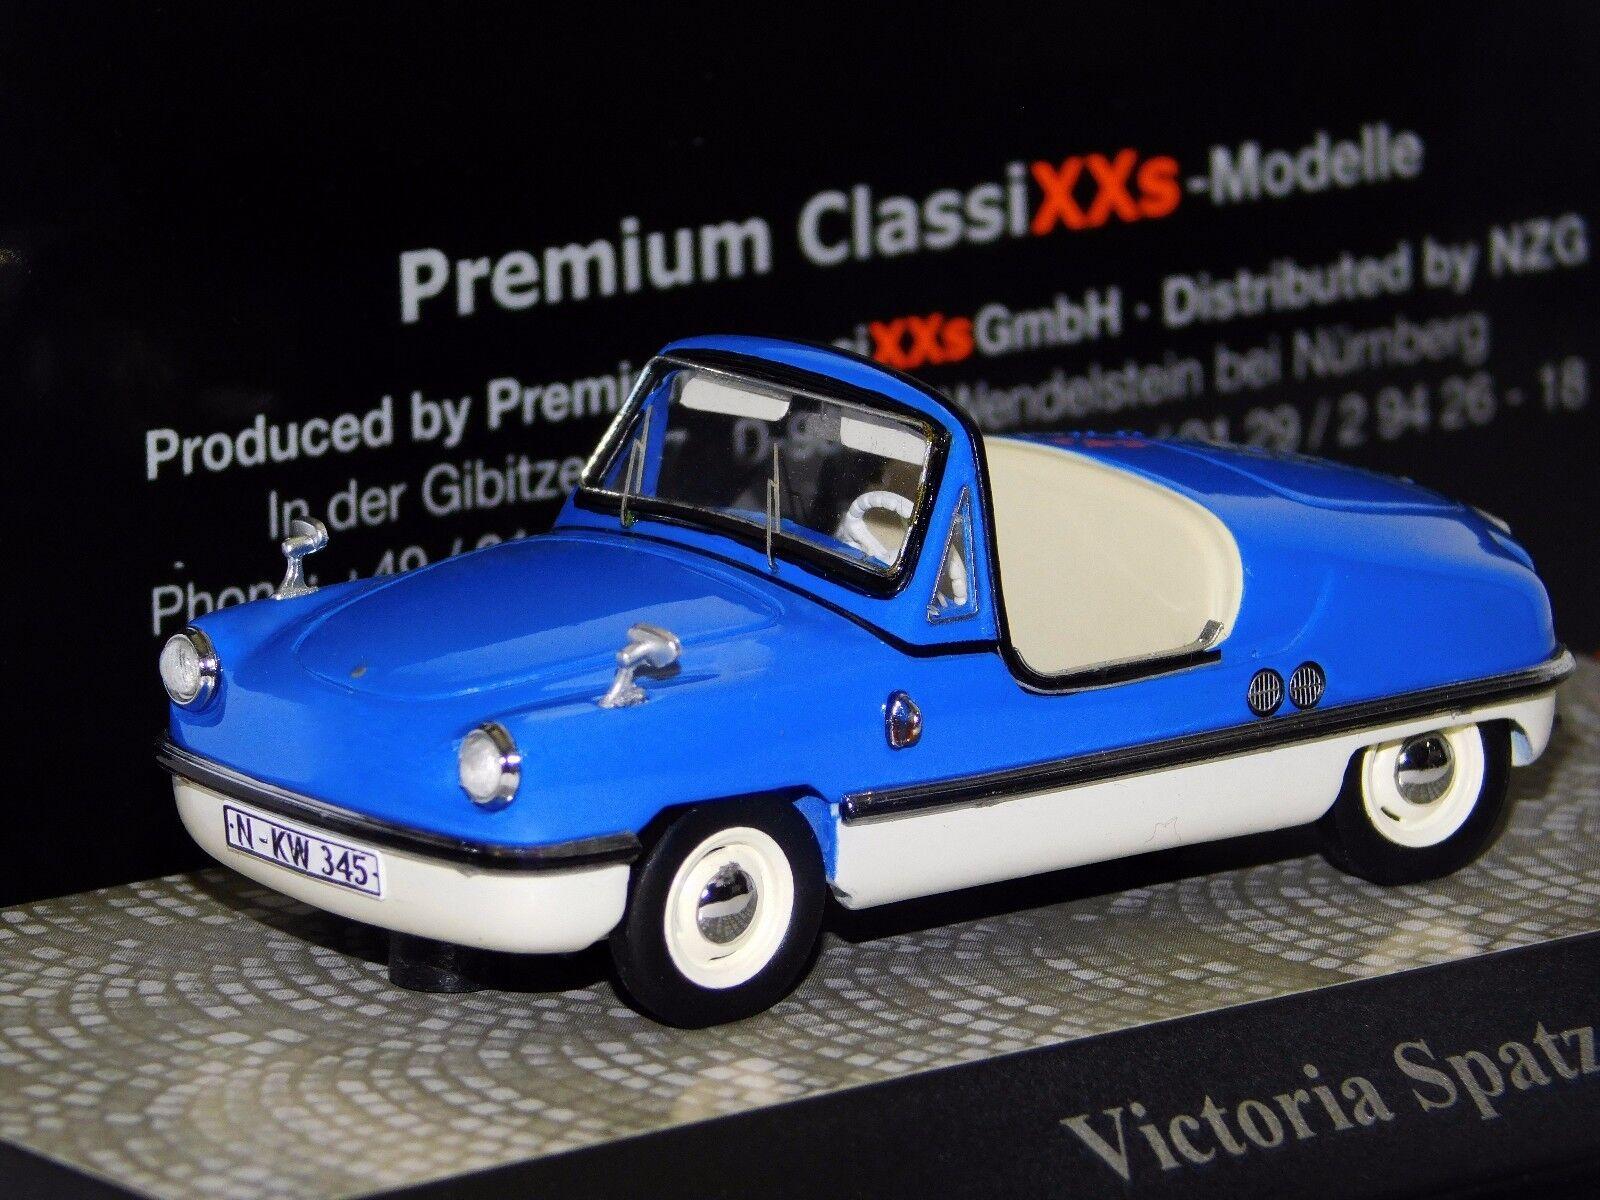 100% precio garantizado Victoria Spatz Luz Azul blancoo Premium Classixxs Classixxs Classixxs Hecho a Mano Lim. 18101 1 43  Con precio barato para obtener la mejor marca.